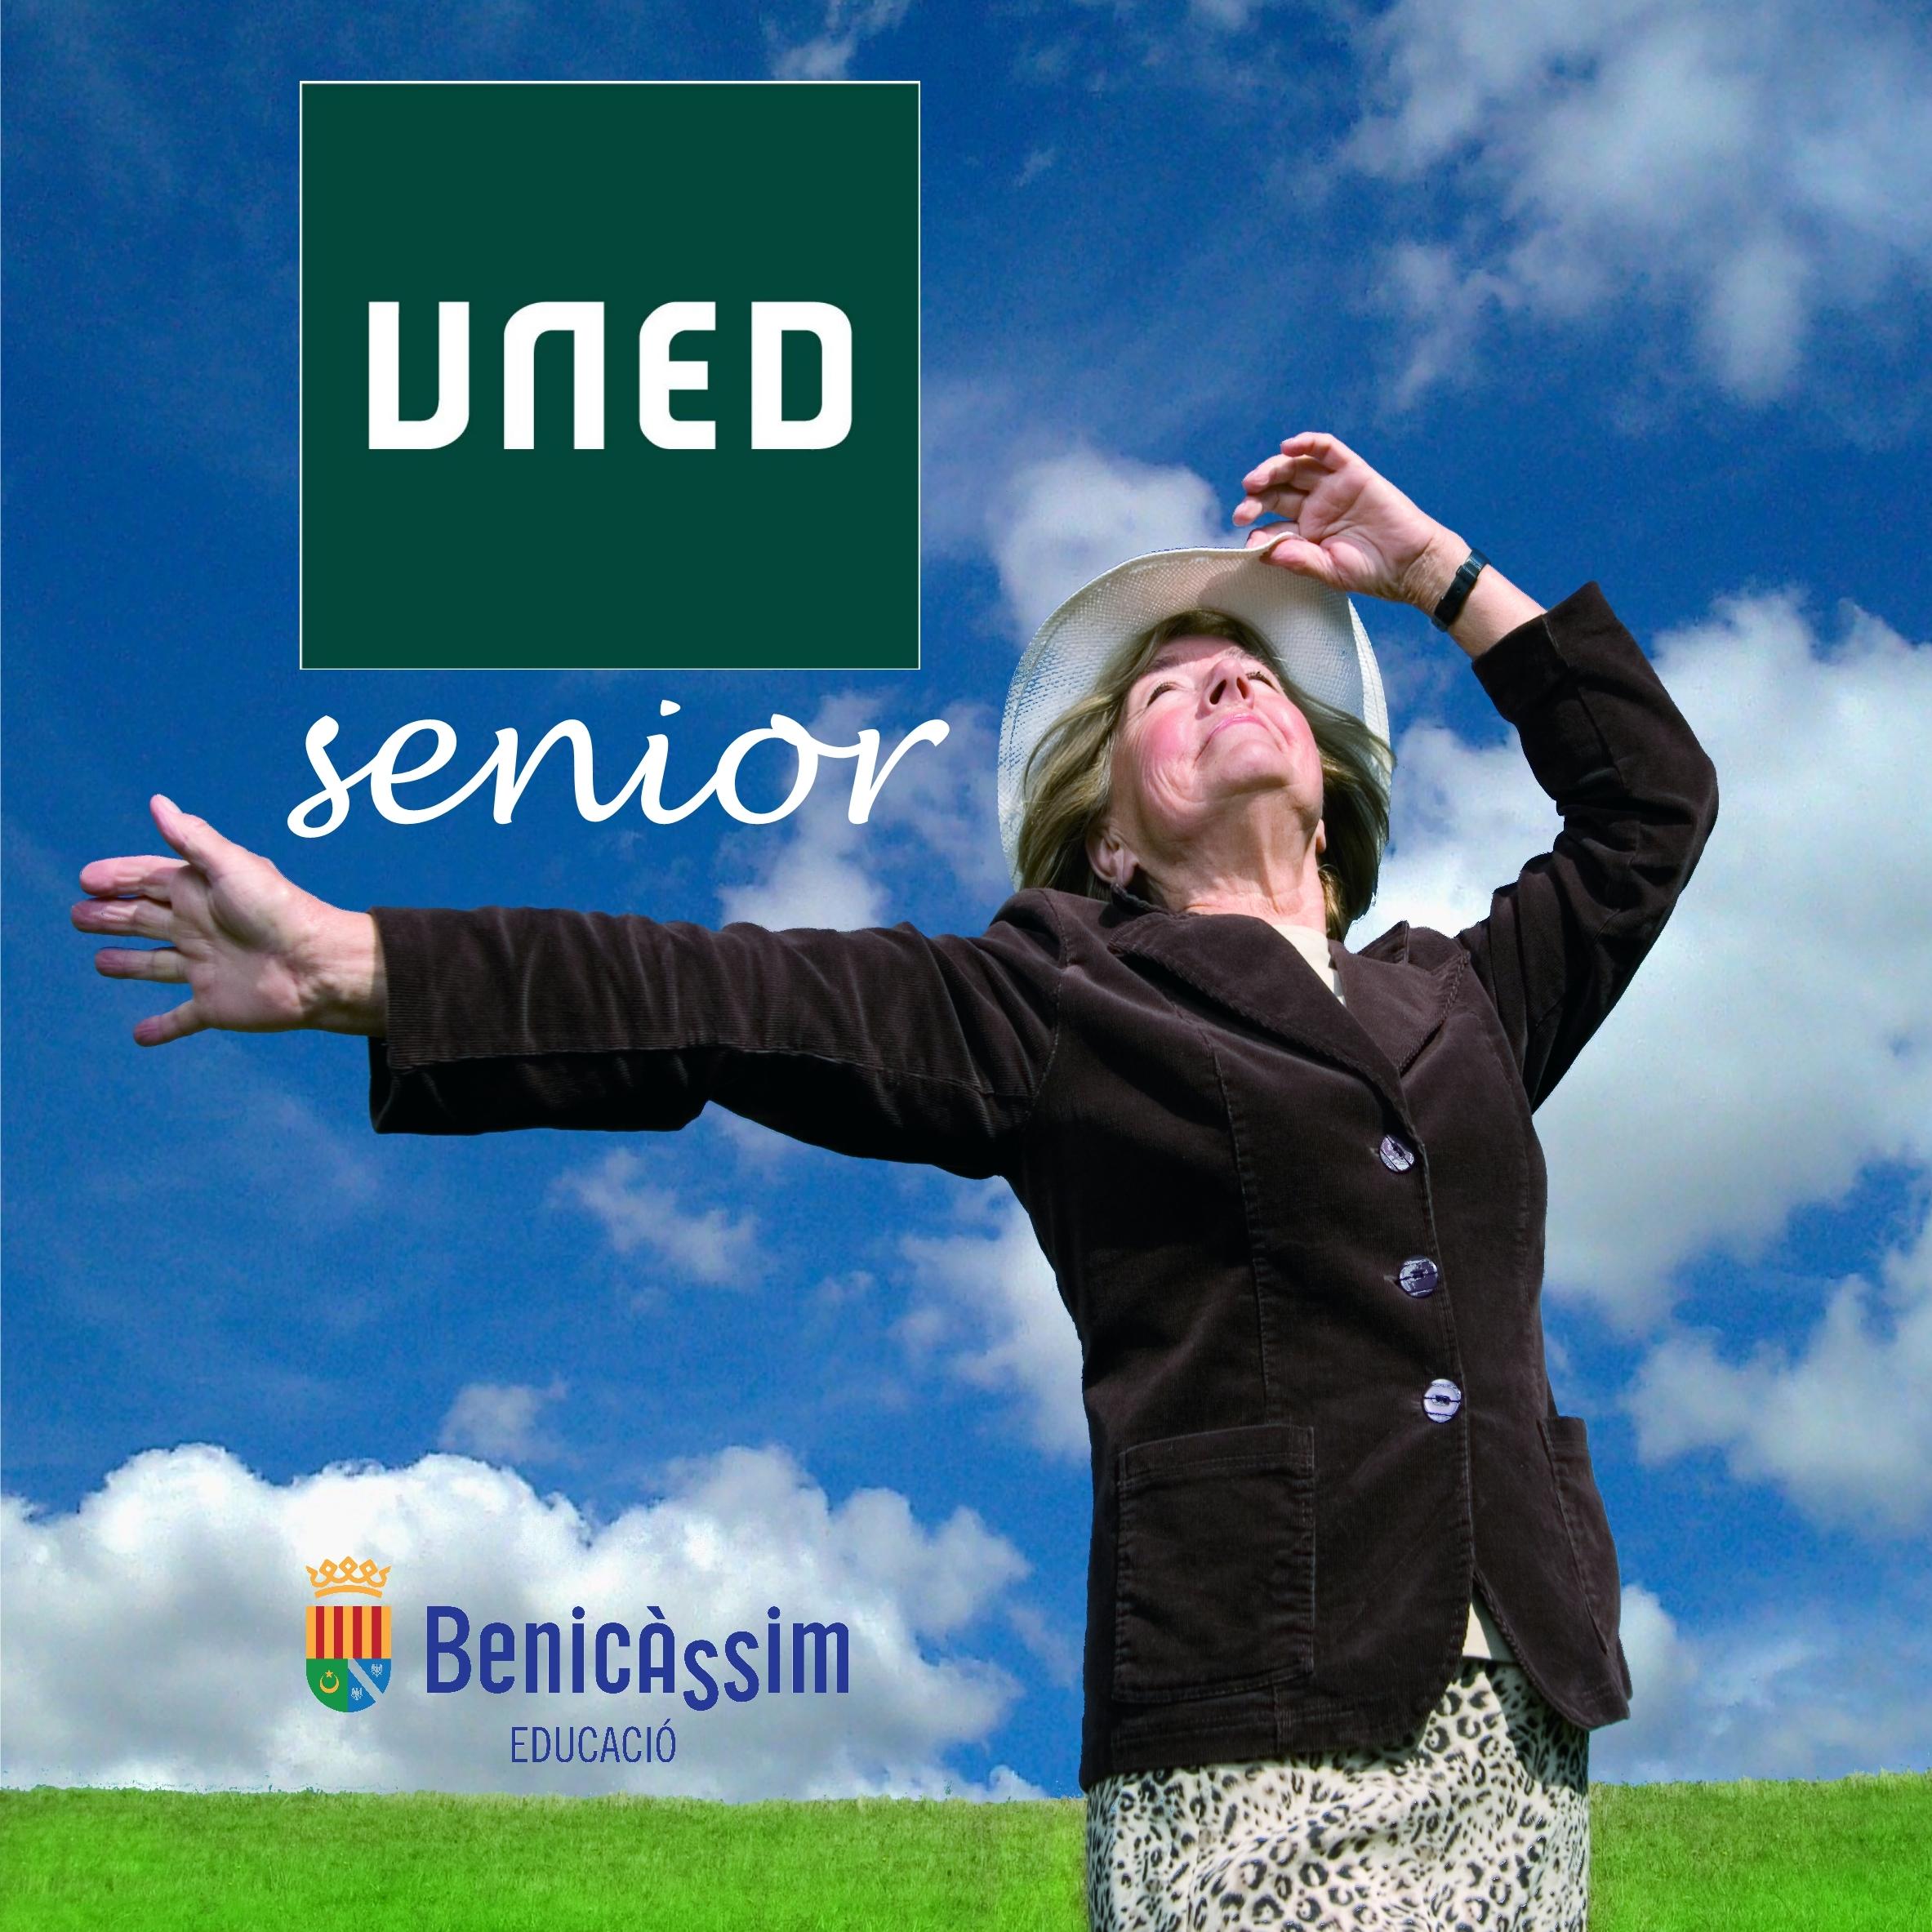 Abierta matrícula para la UNED-SENIOR curso 2014-15